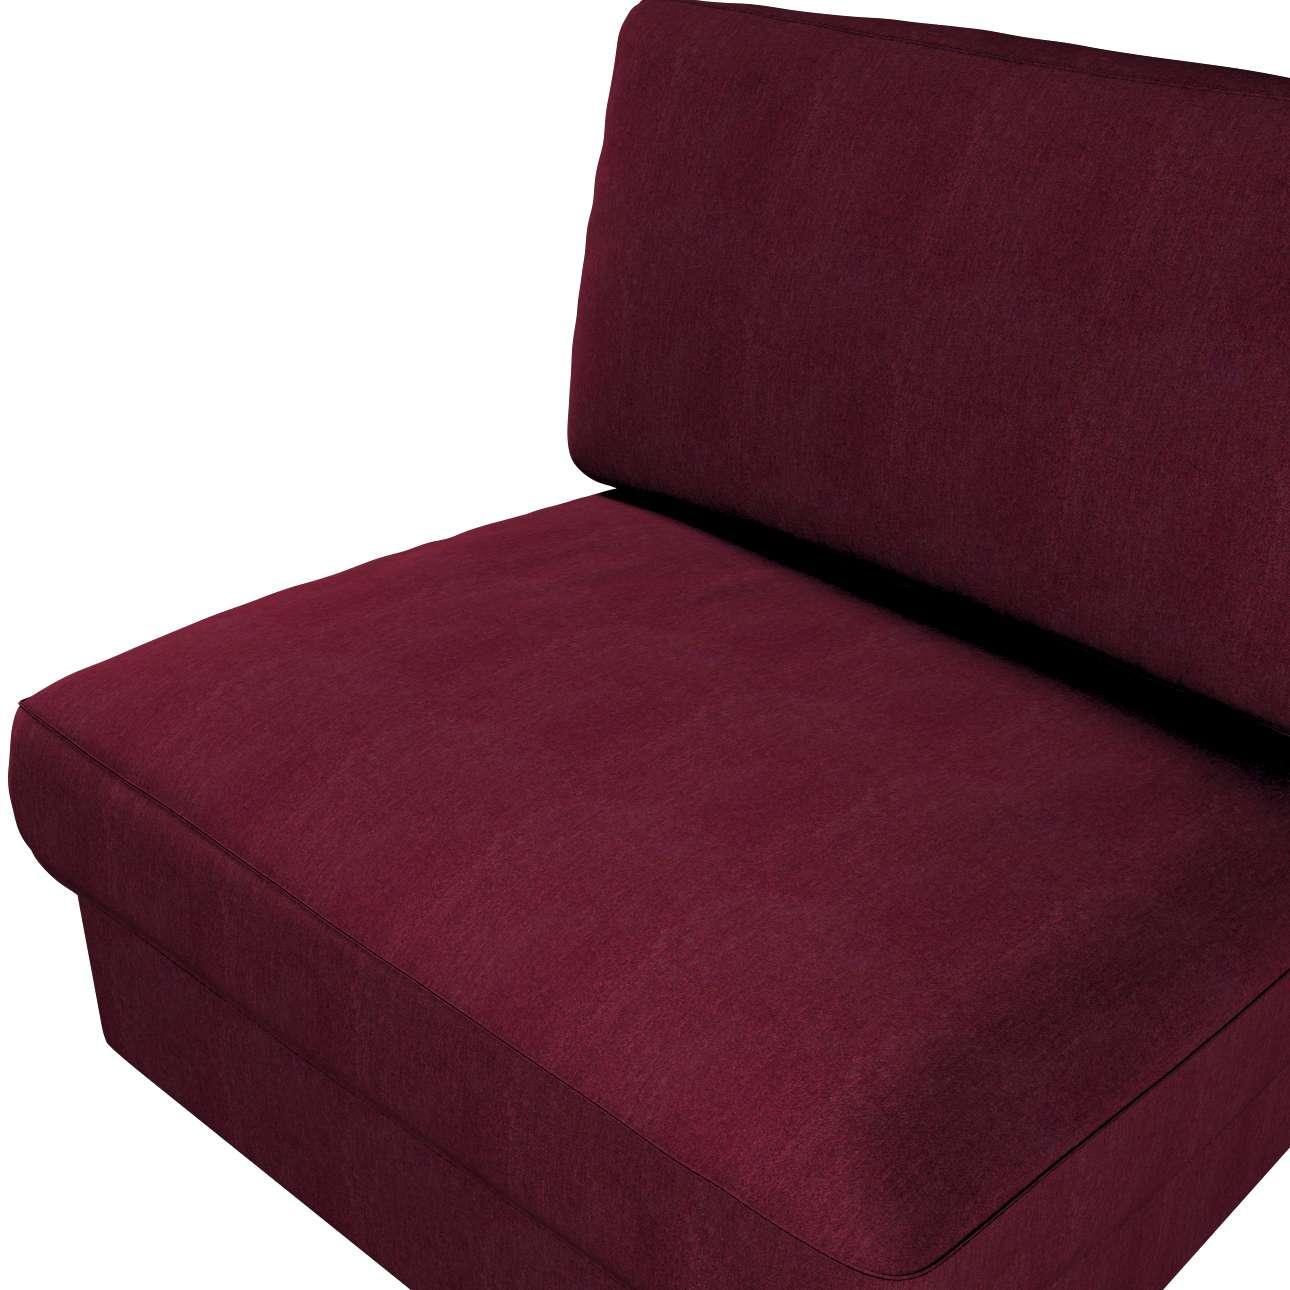 KIVIK fotelio/vienvietės dalies užvalkalas kolekcijoje Chenille, audinys: 702-19